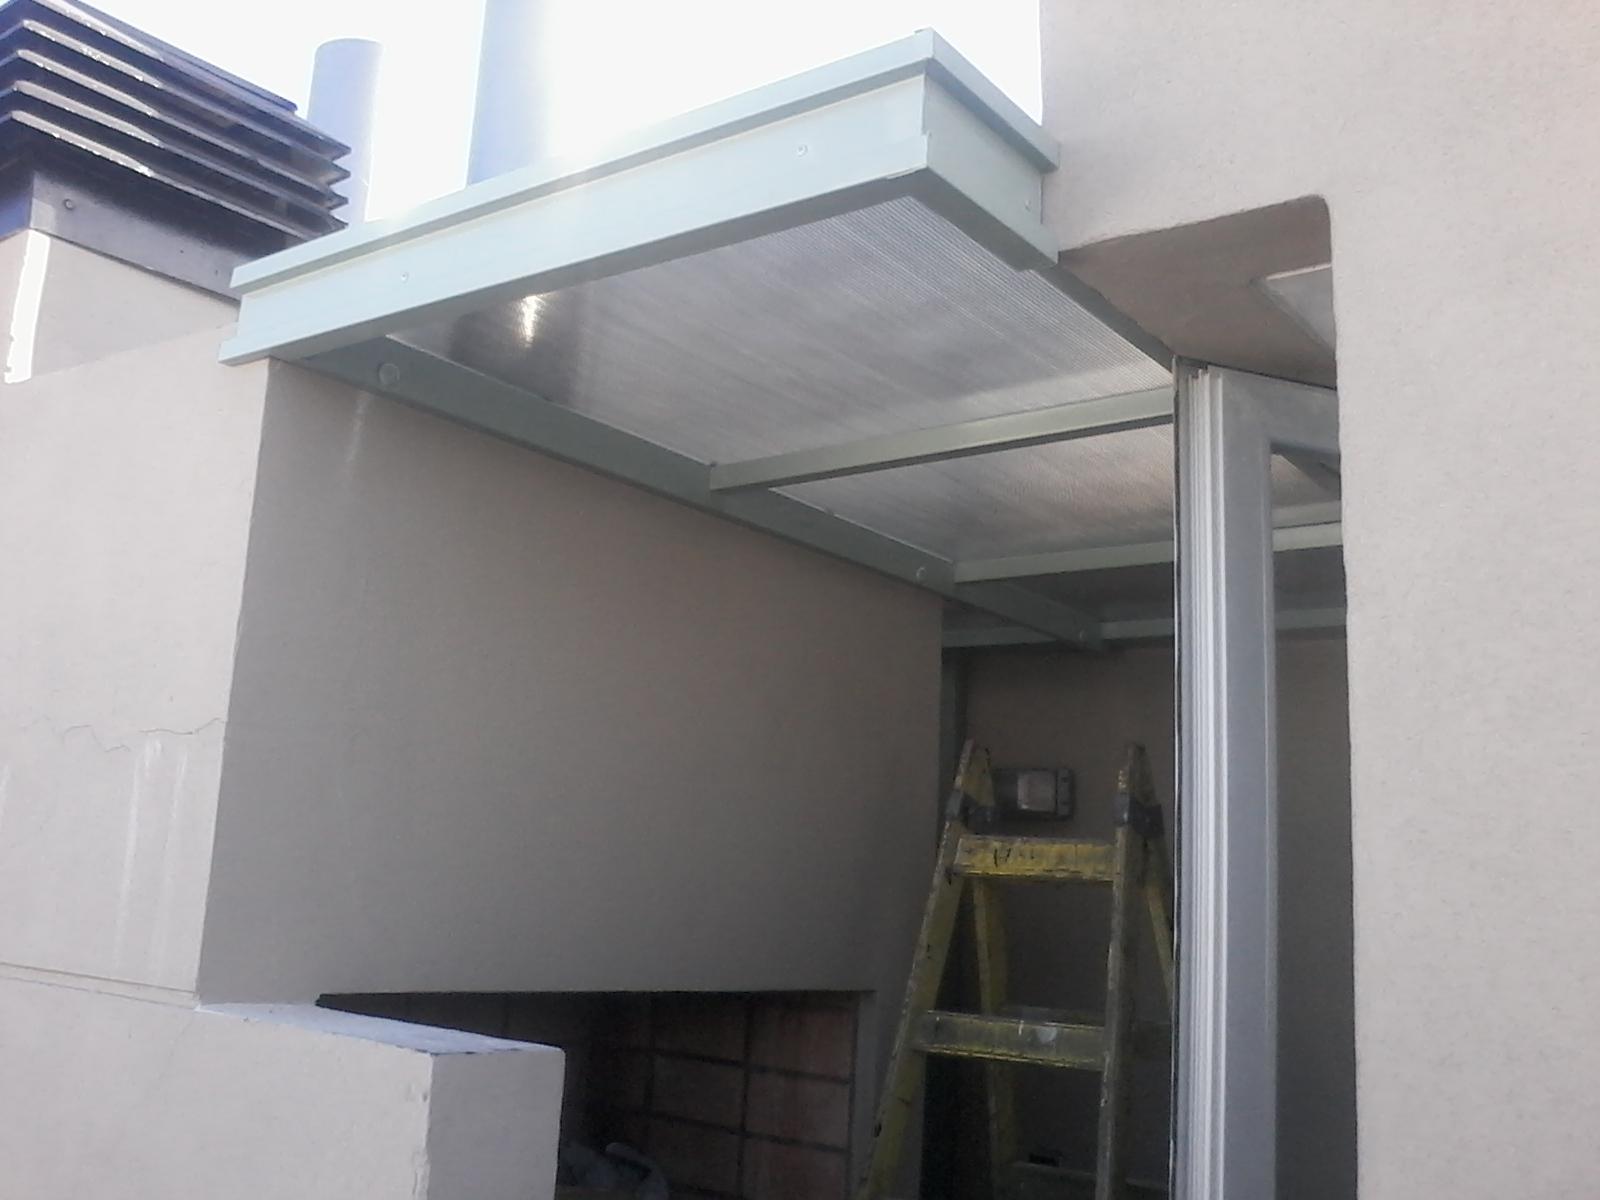 Techo de policarbonato pergolas aleros alero para for Garajes con techos policarbonato